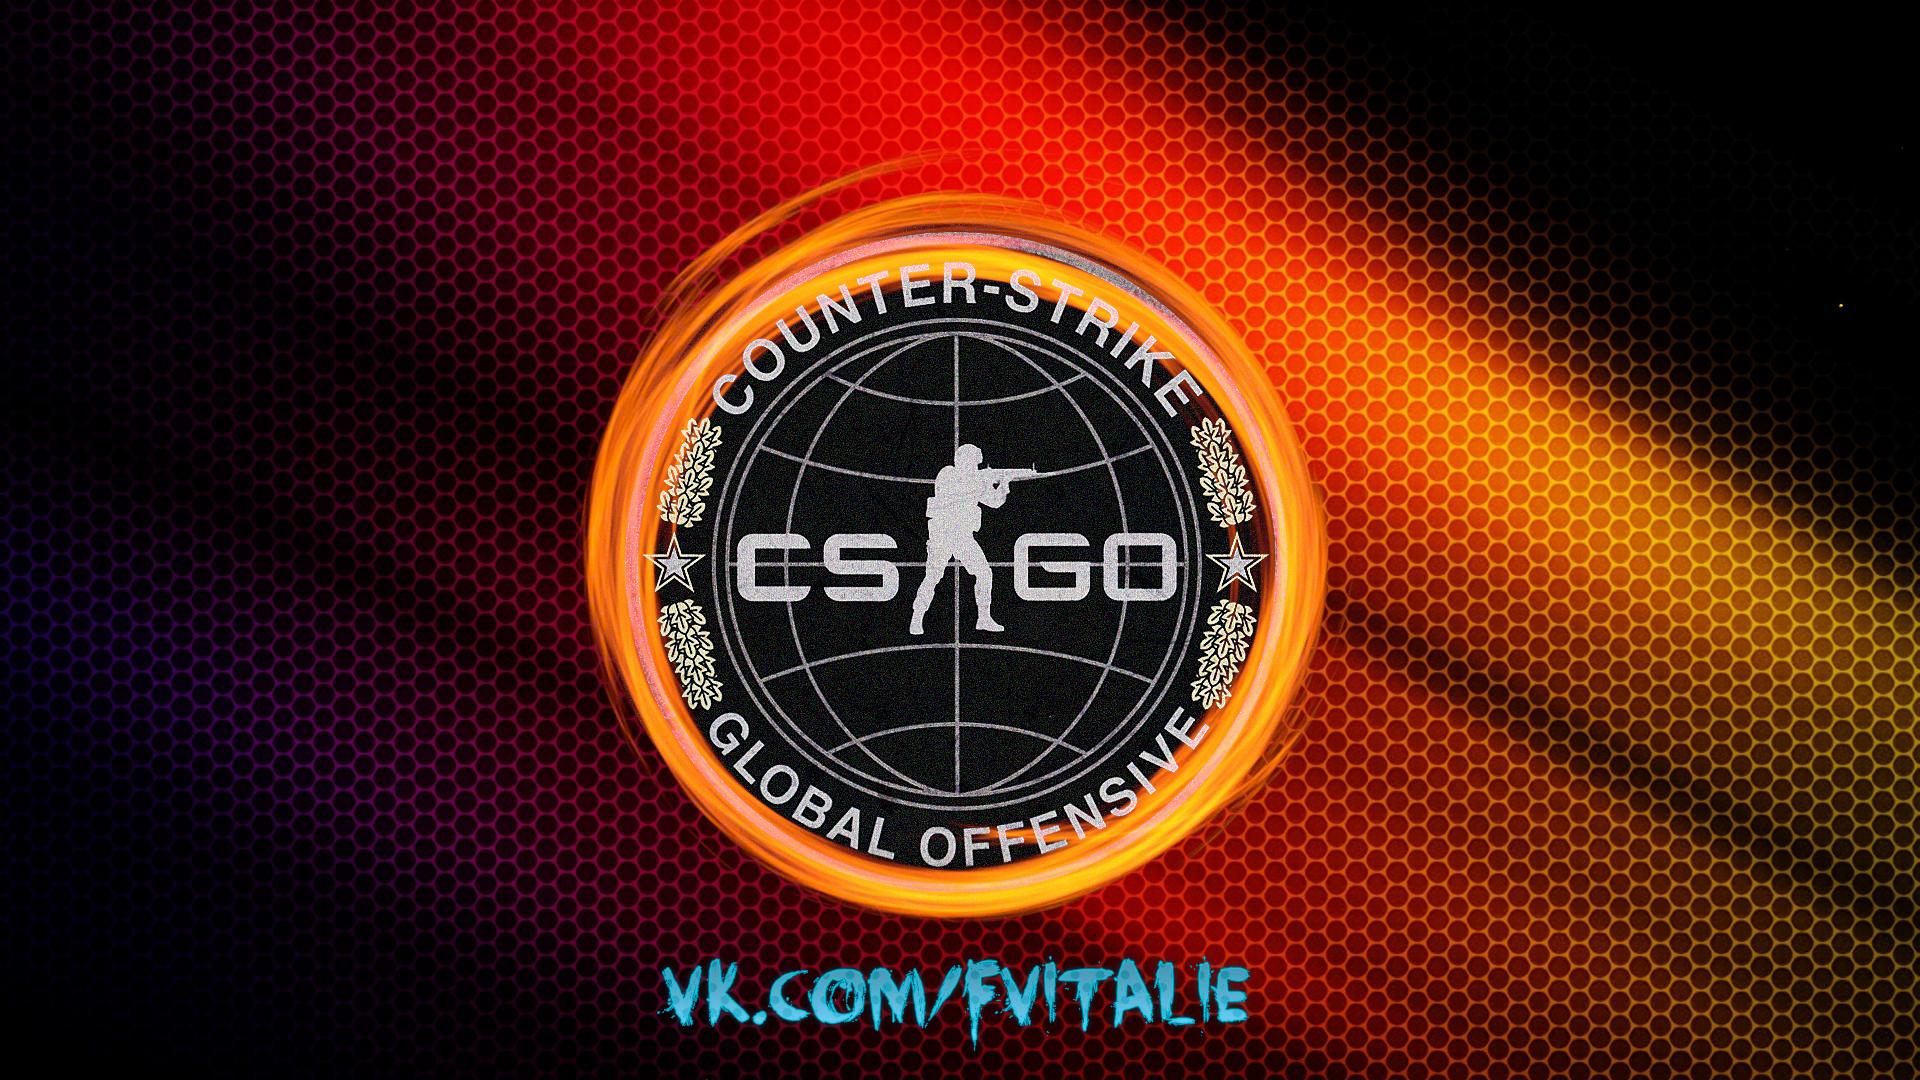 CS:GO World